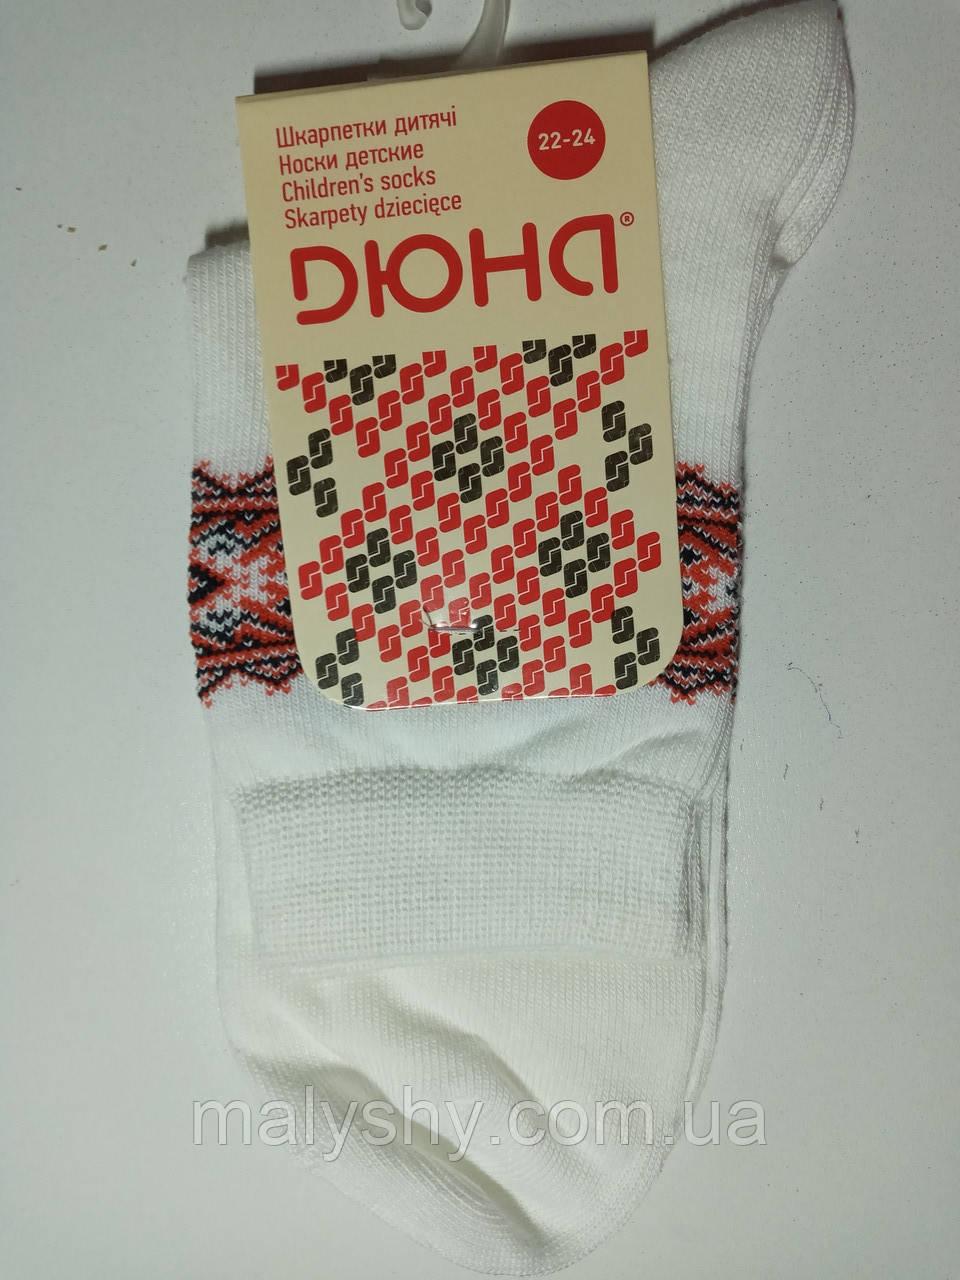 Детские носки демисезонные - Дюна р.22-24 (шкарпетки дитячі) 460-0696-белый